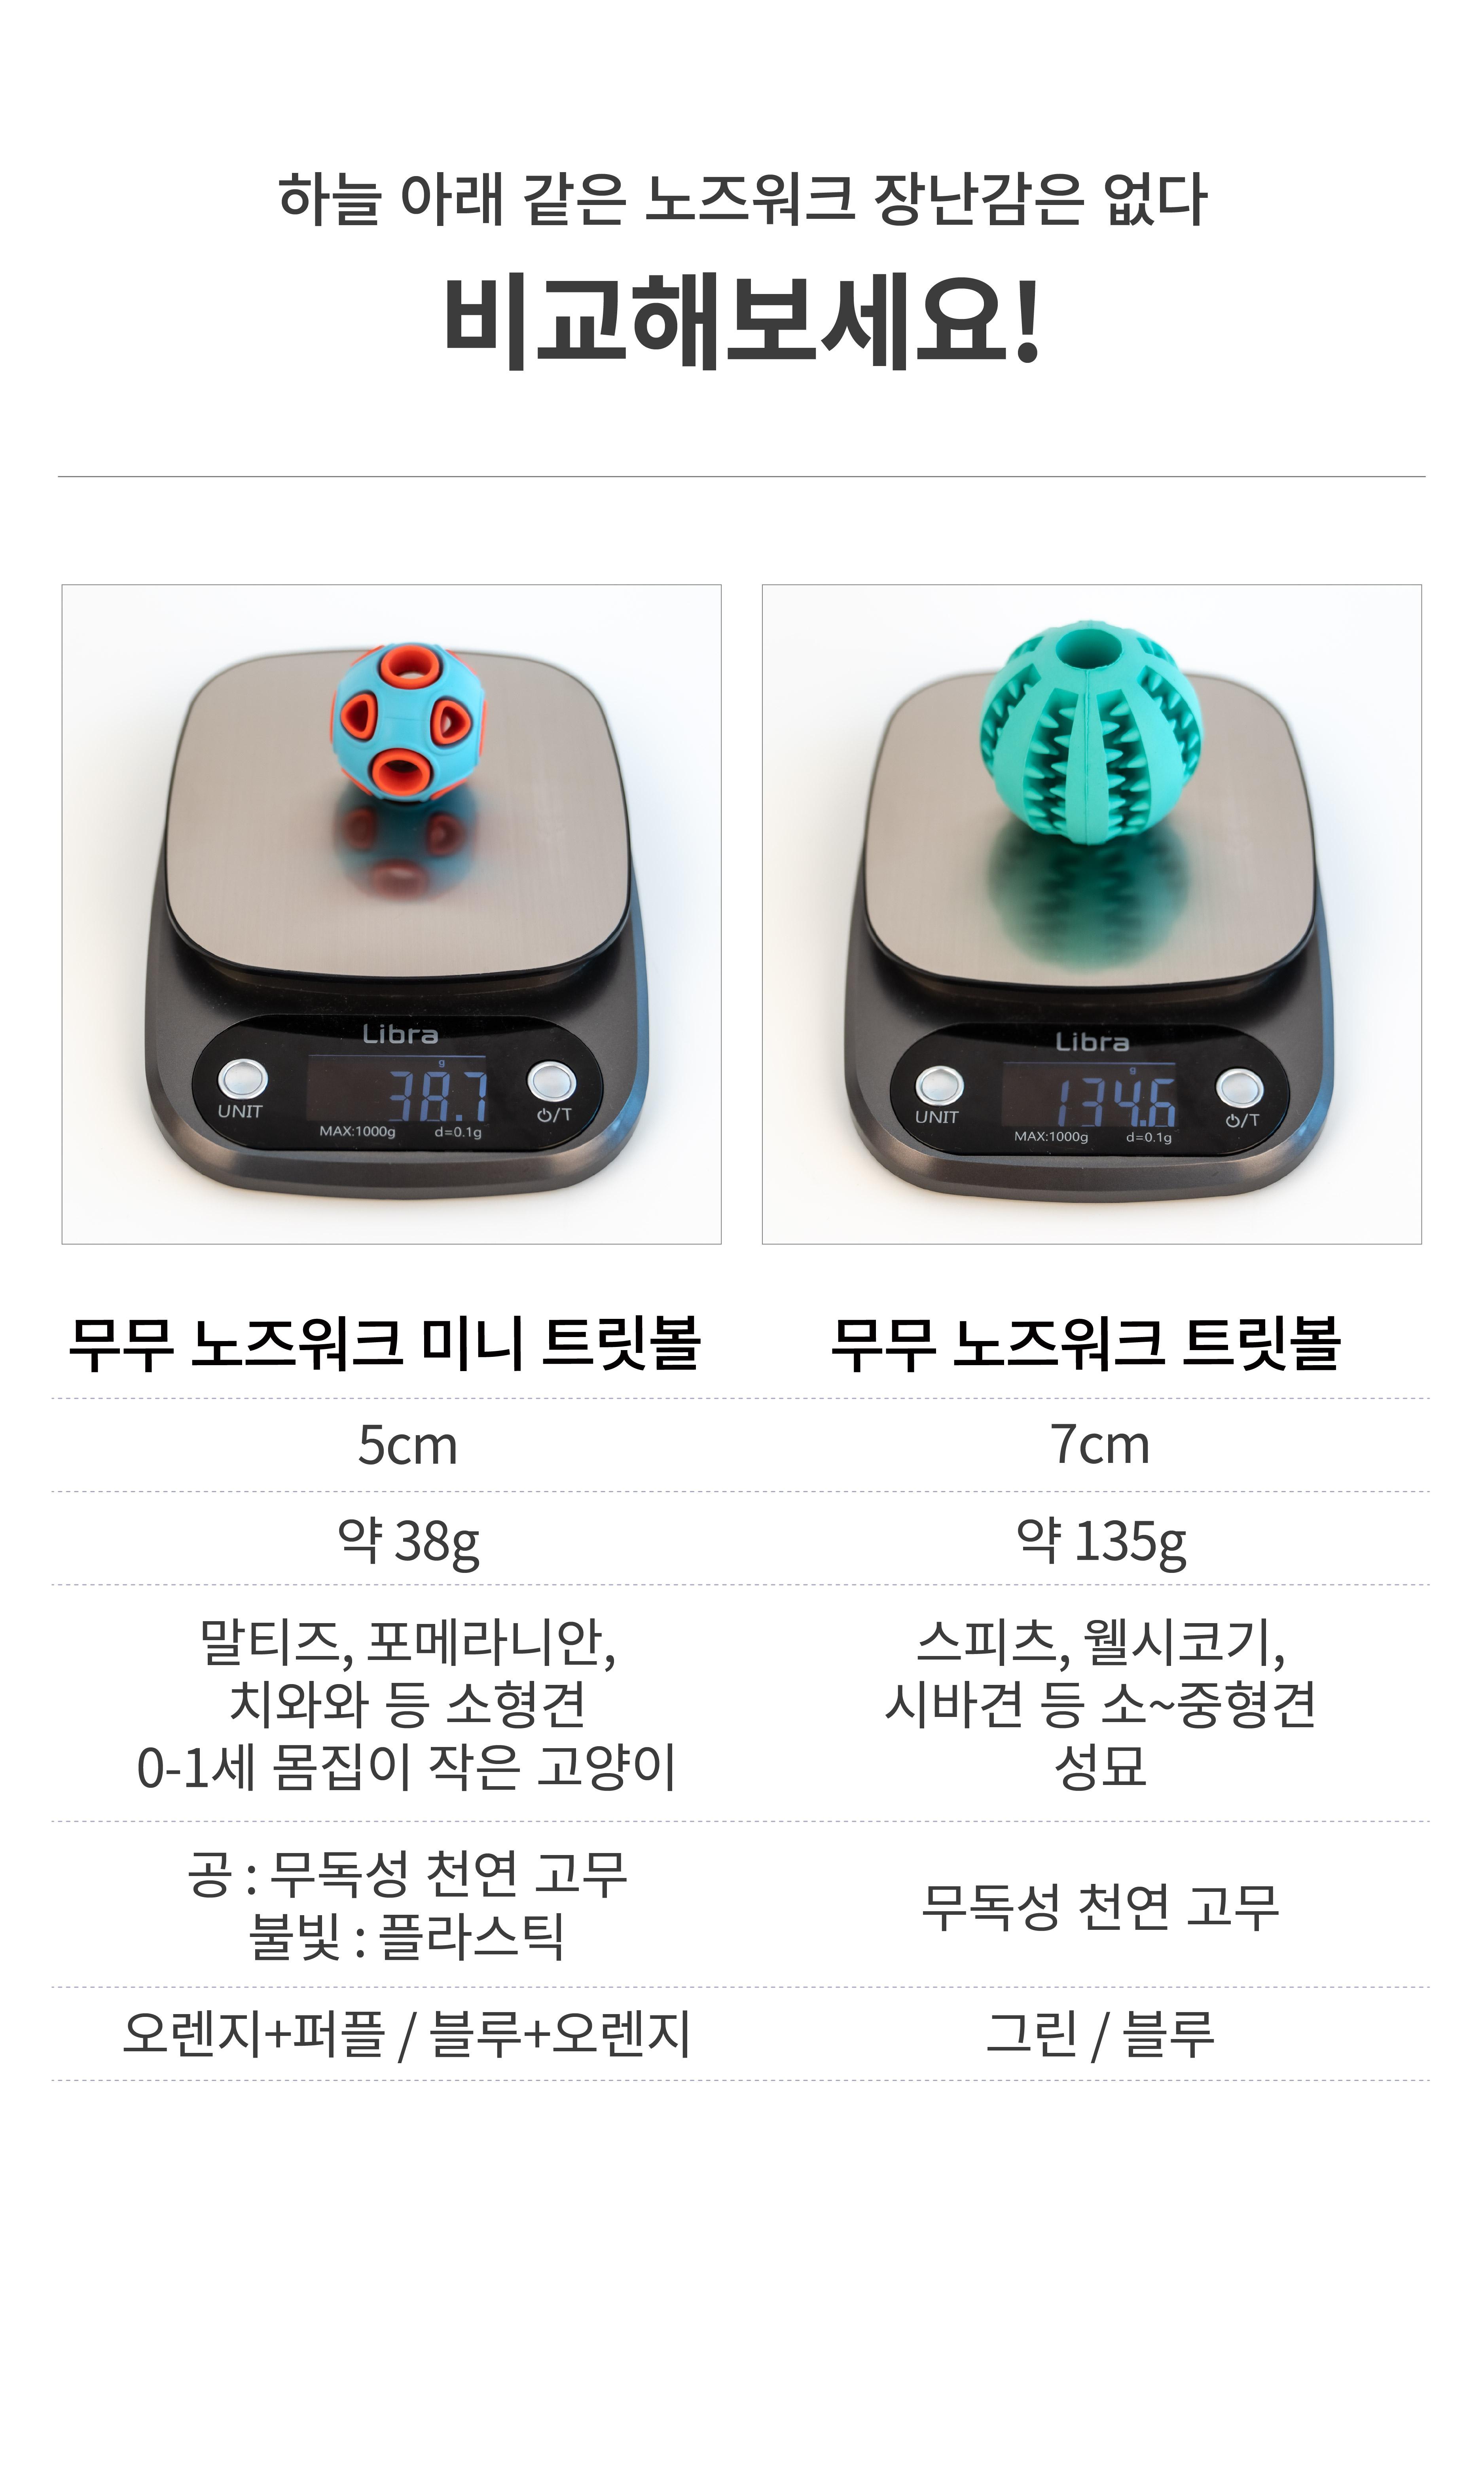 무무 노즈워크 미니 트릿볼 (오렌지/블루)-상품이미지-9